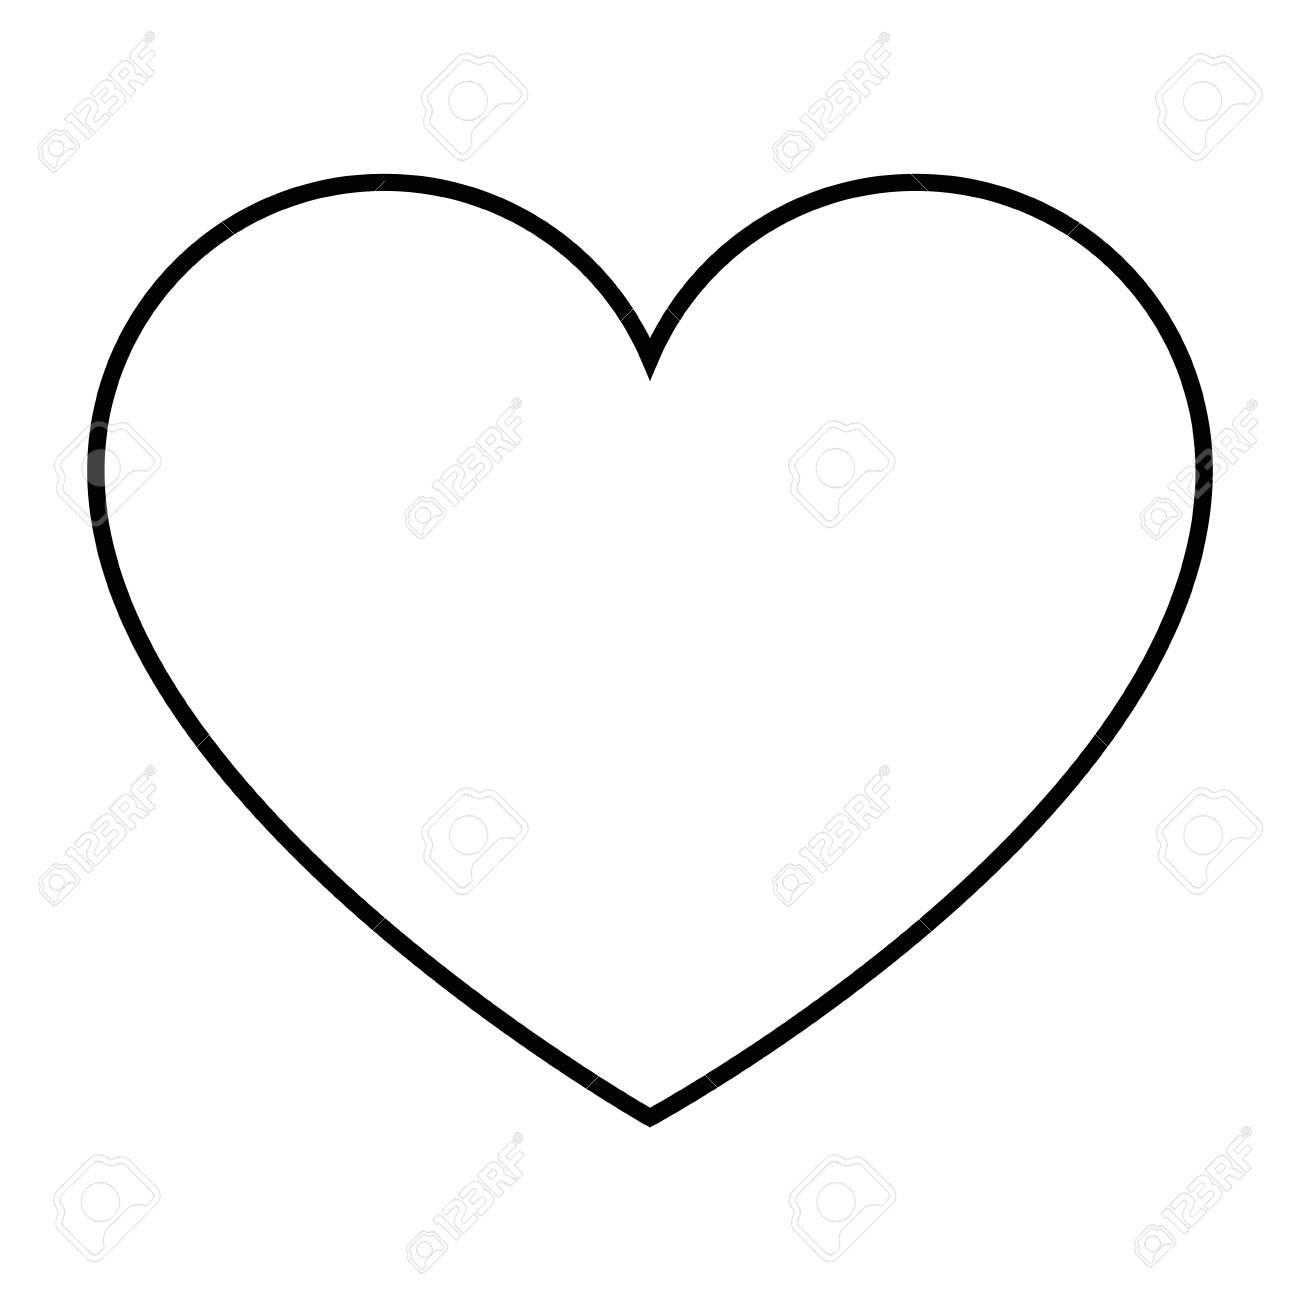 Kopieren herz symbol zum Herz Zeichen: